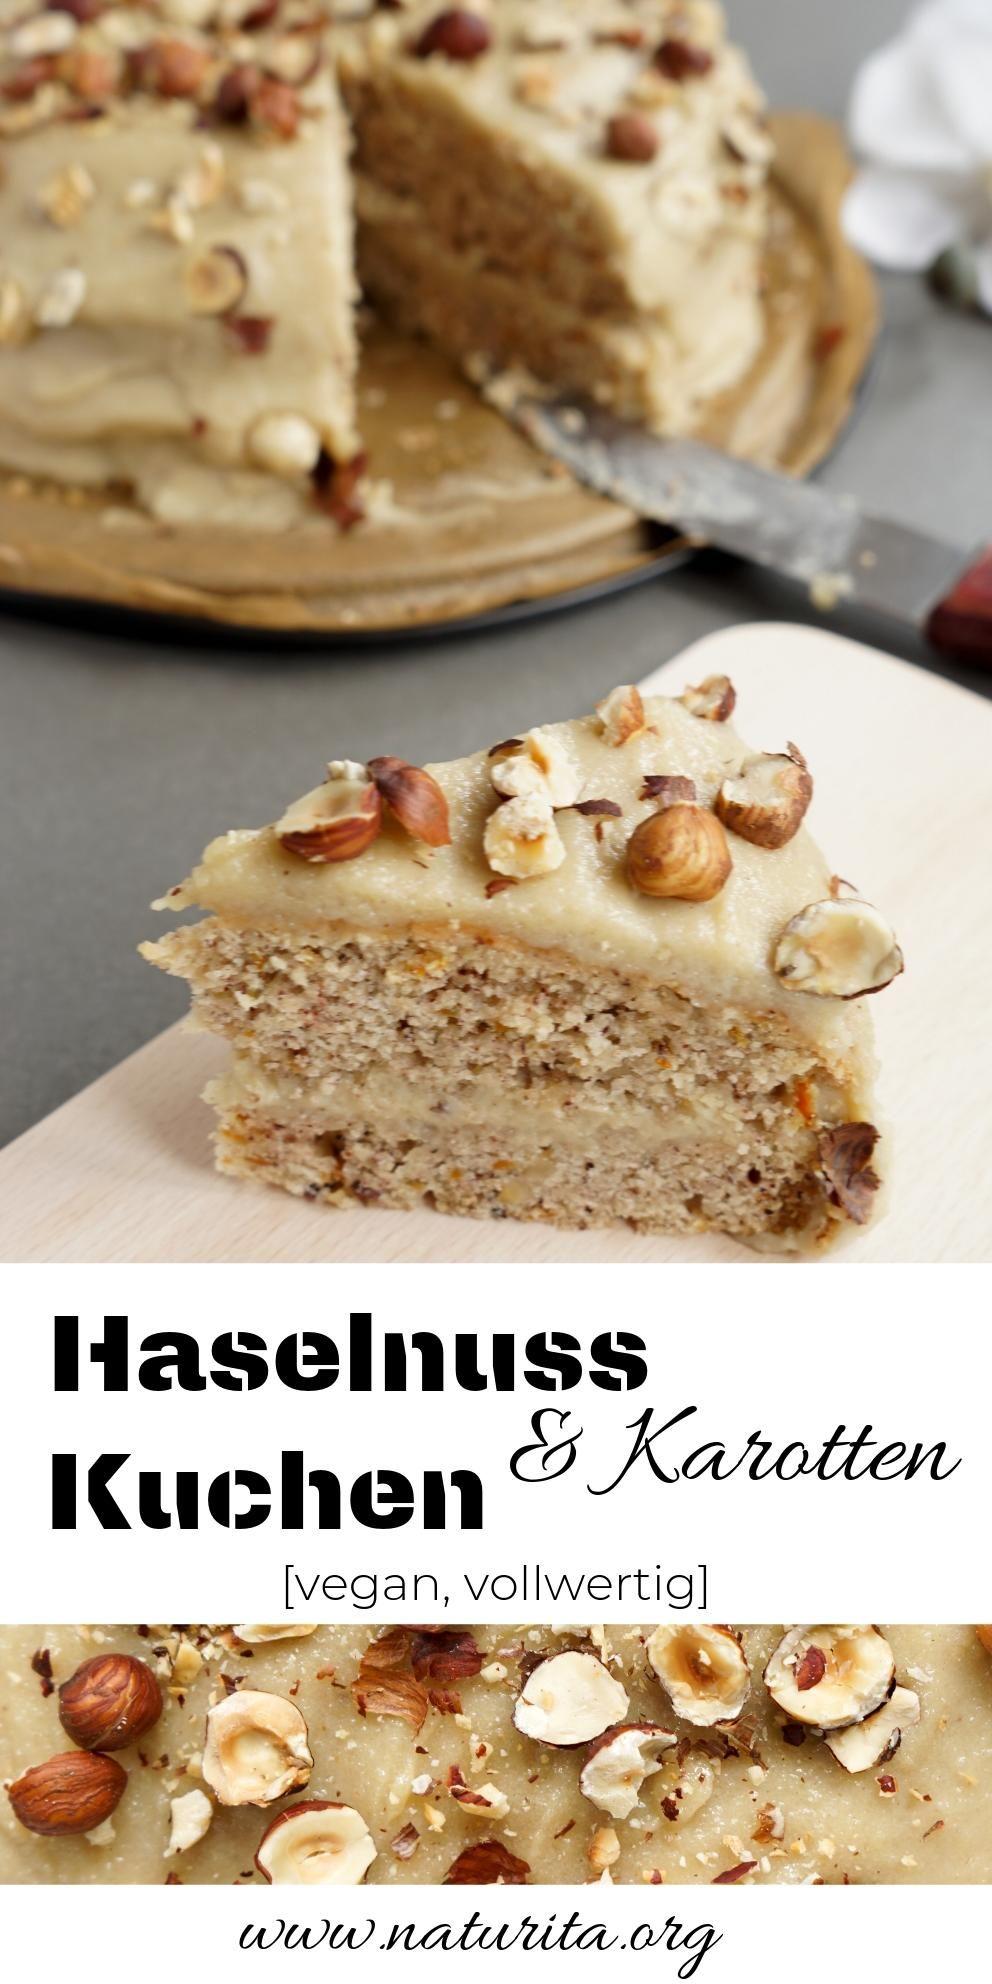 Vollwertiger Haselnuss-Karotten-Kuchen mit Cashewcreme ⋆ Naturita by Margarita #savourycake